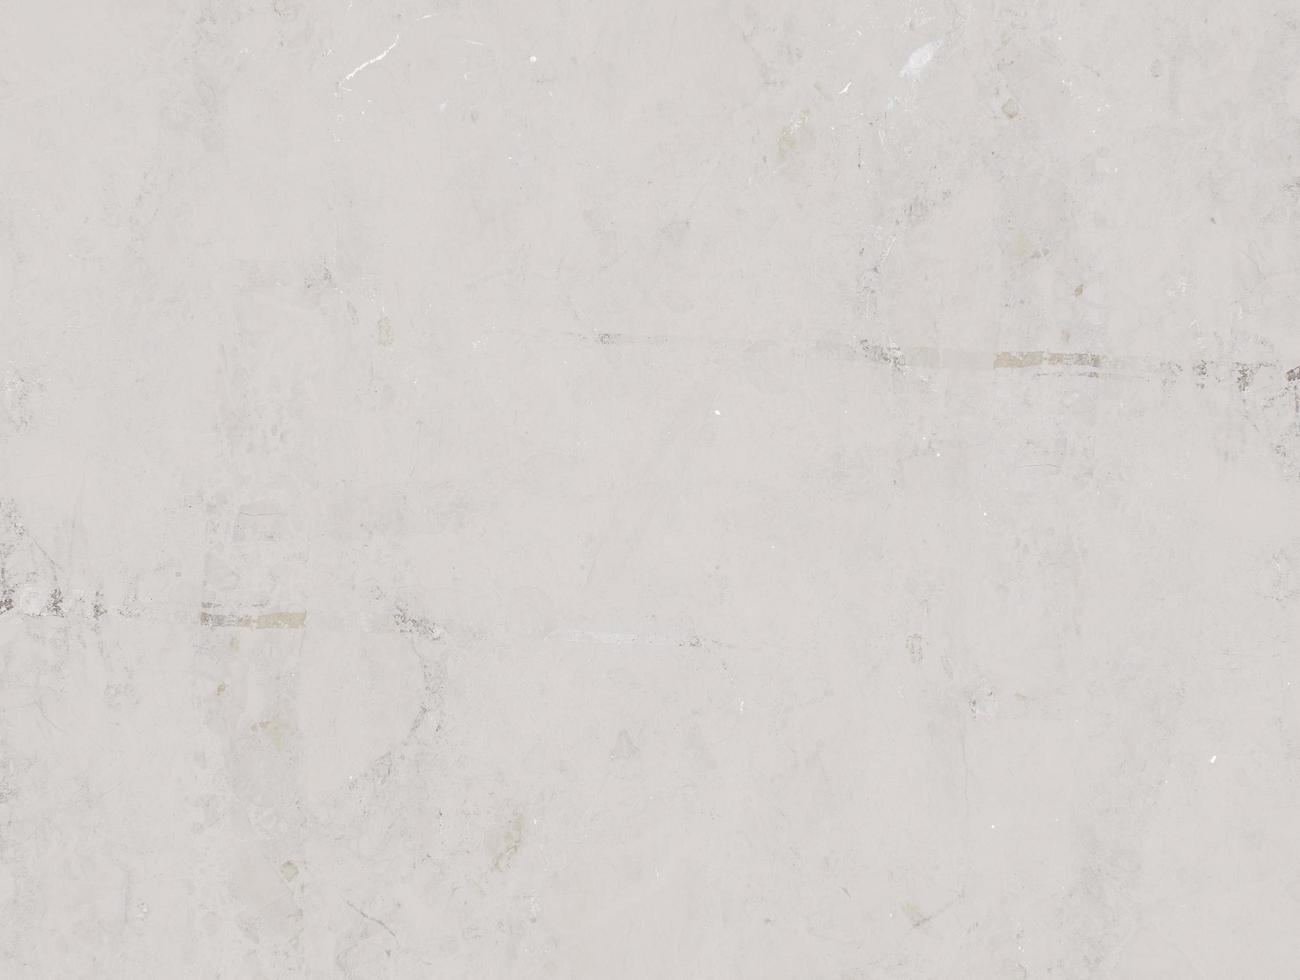 neutrale steen textuur achtergrond foto